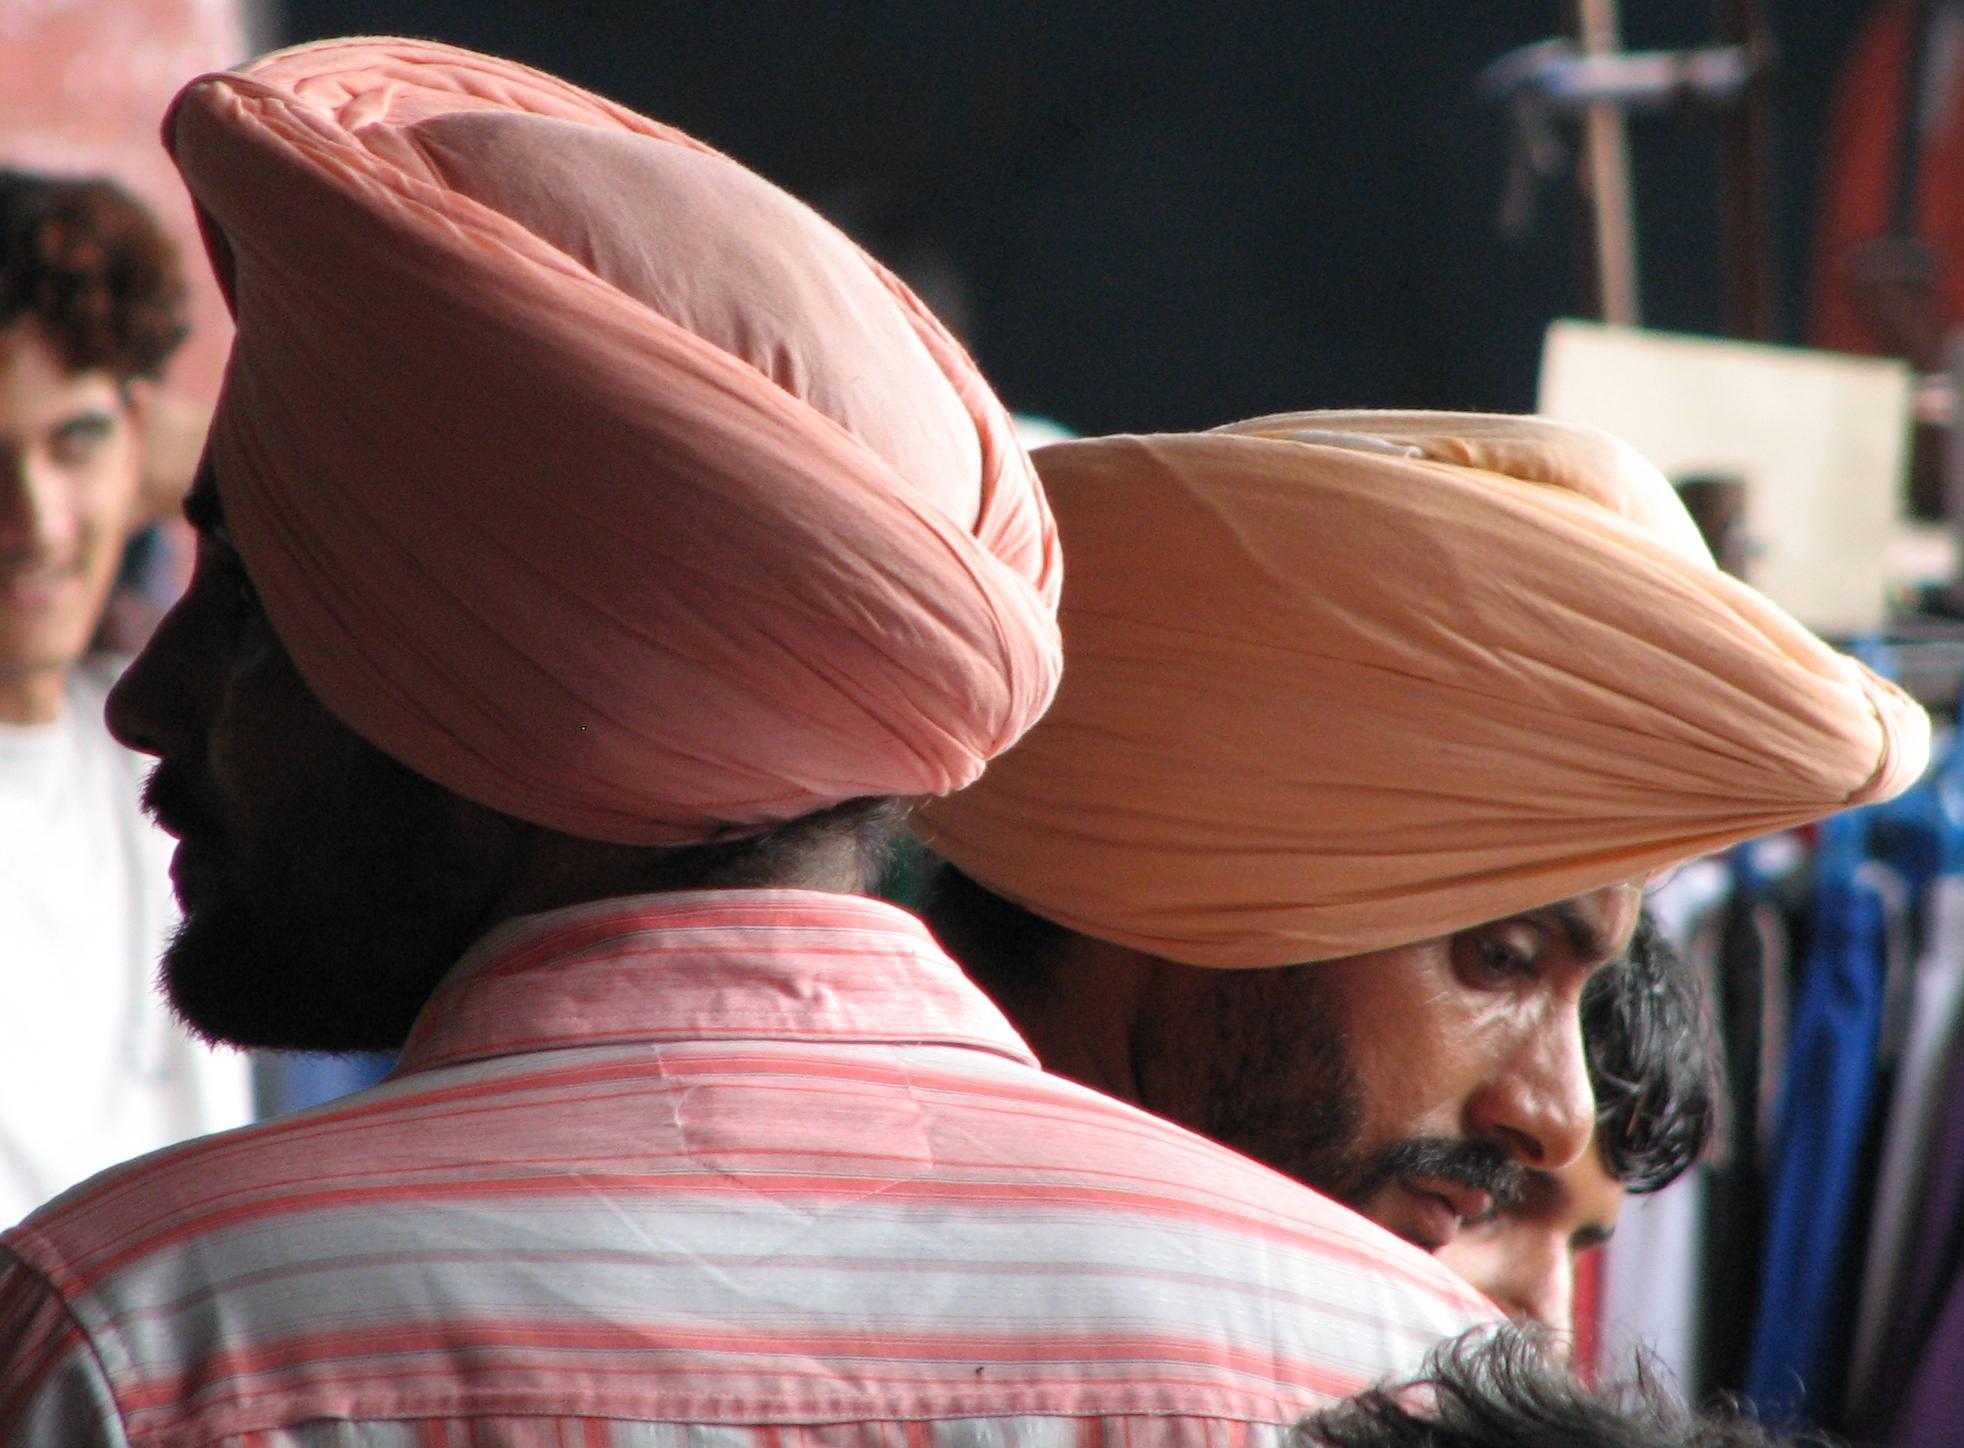 turban sikh dastar pagri